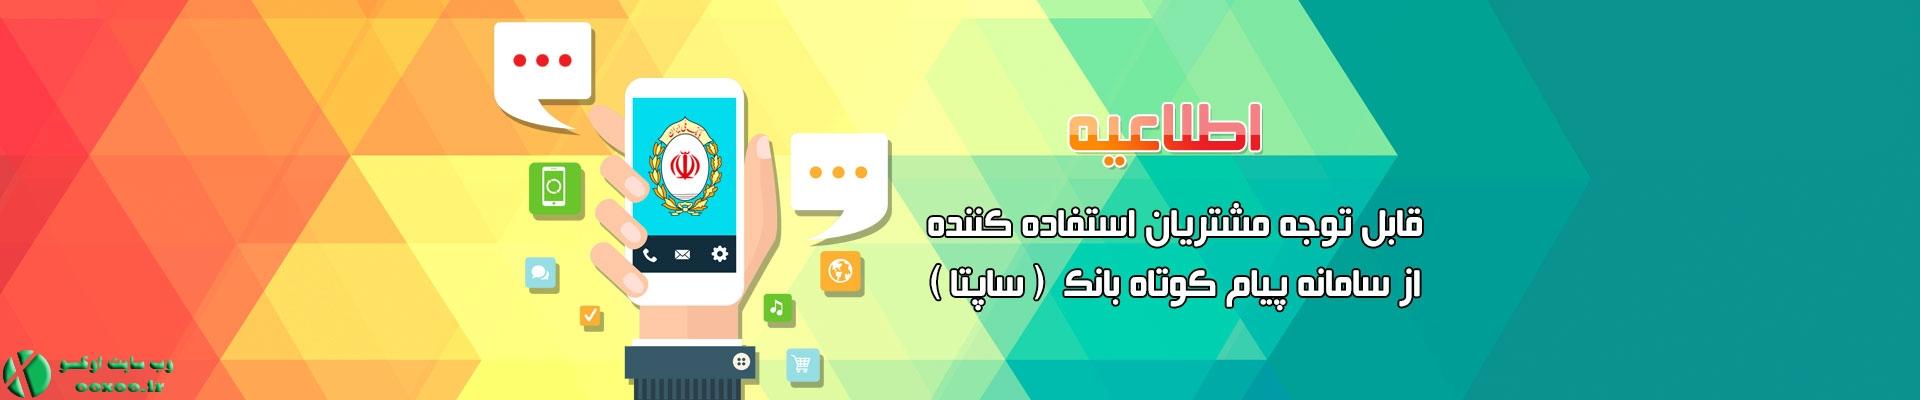 ۱۷fc579bfb__2c85c93618